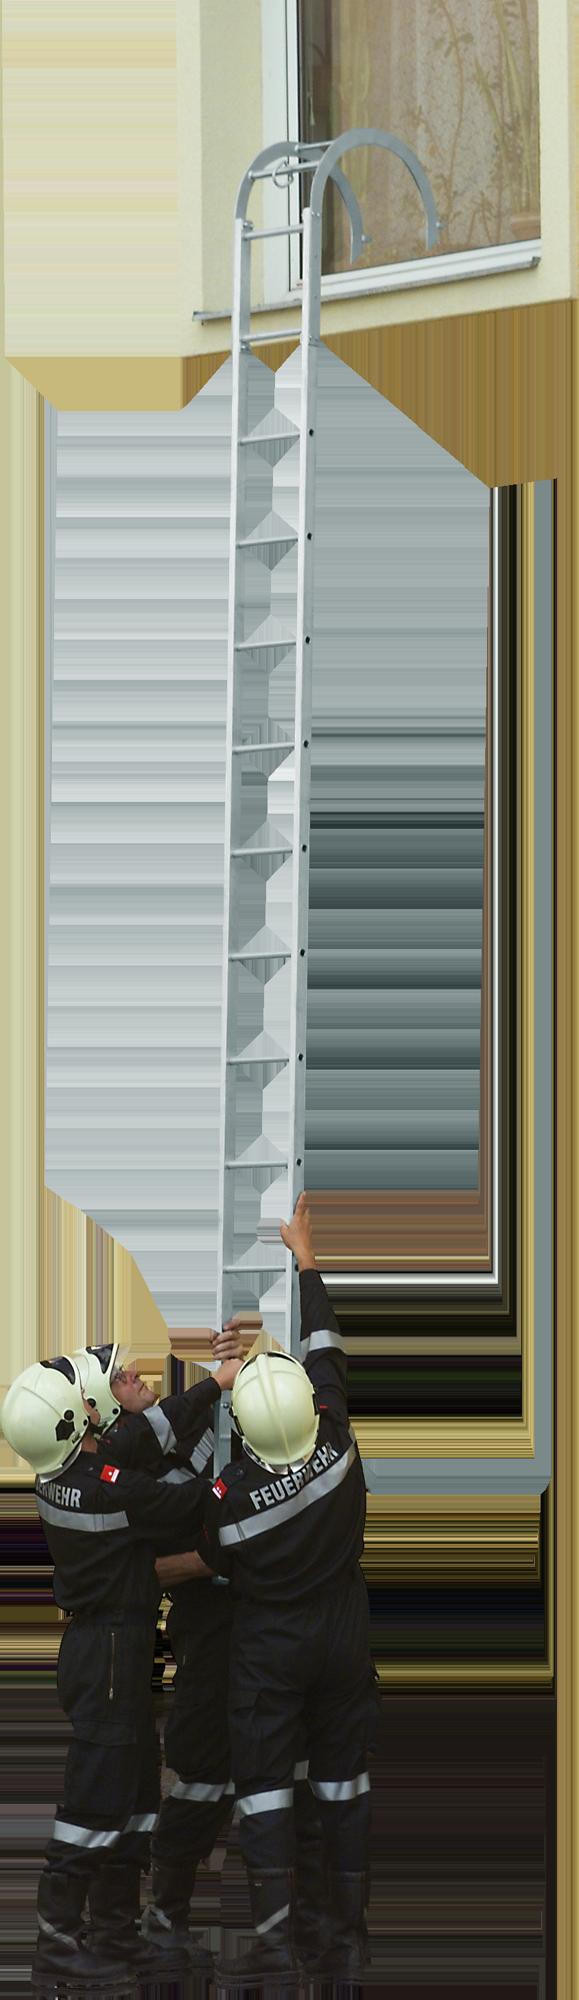 hasičský hákovací rebrík